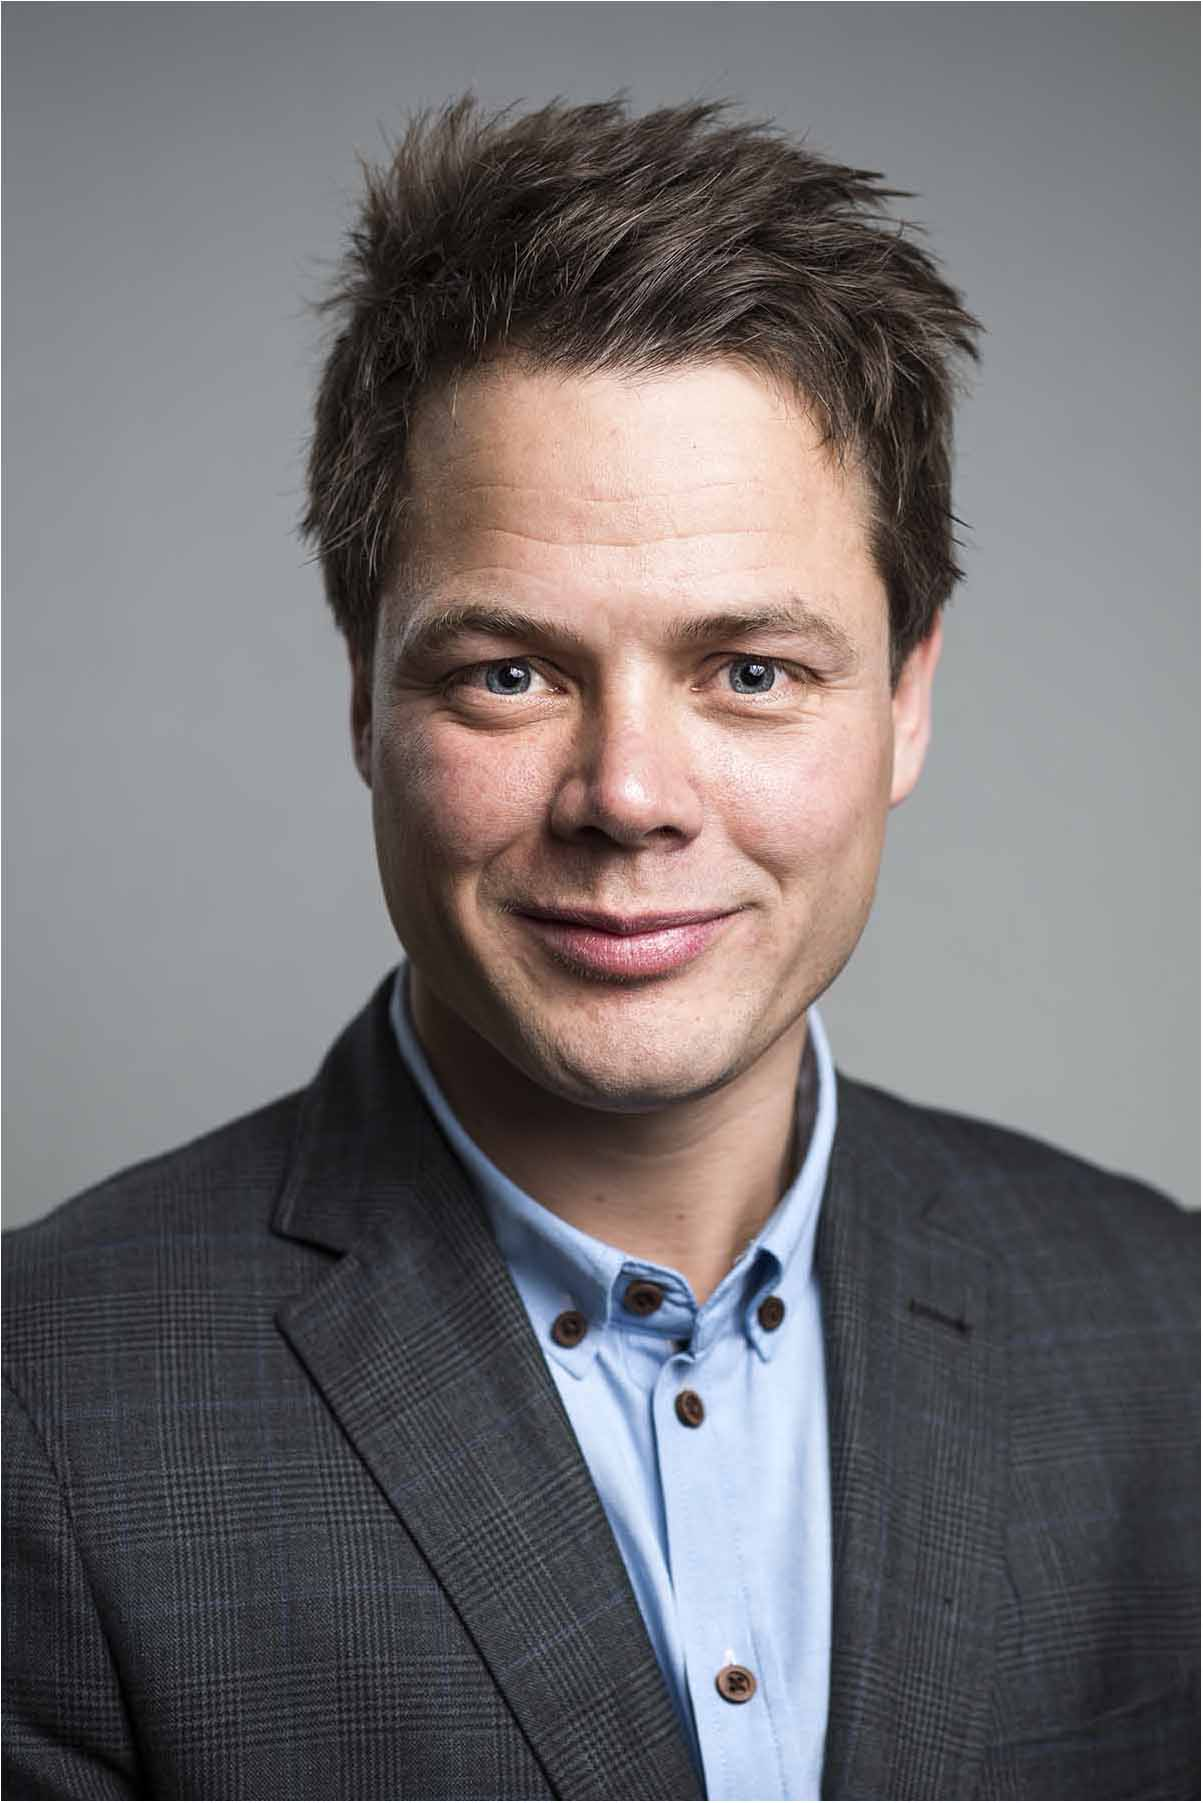 portrætfoto priser Århus